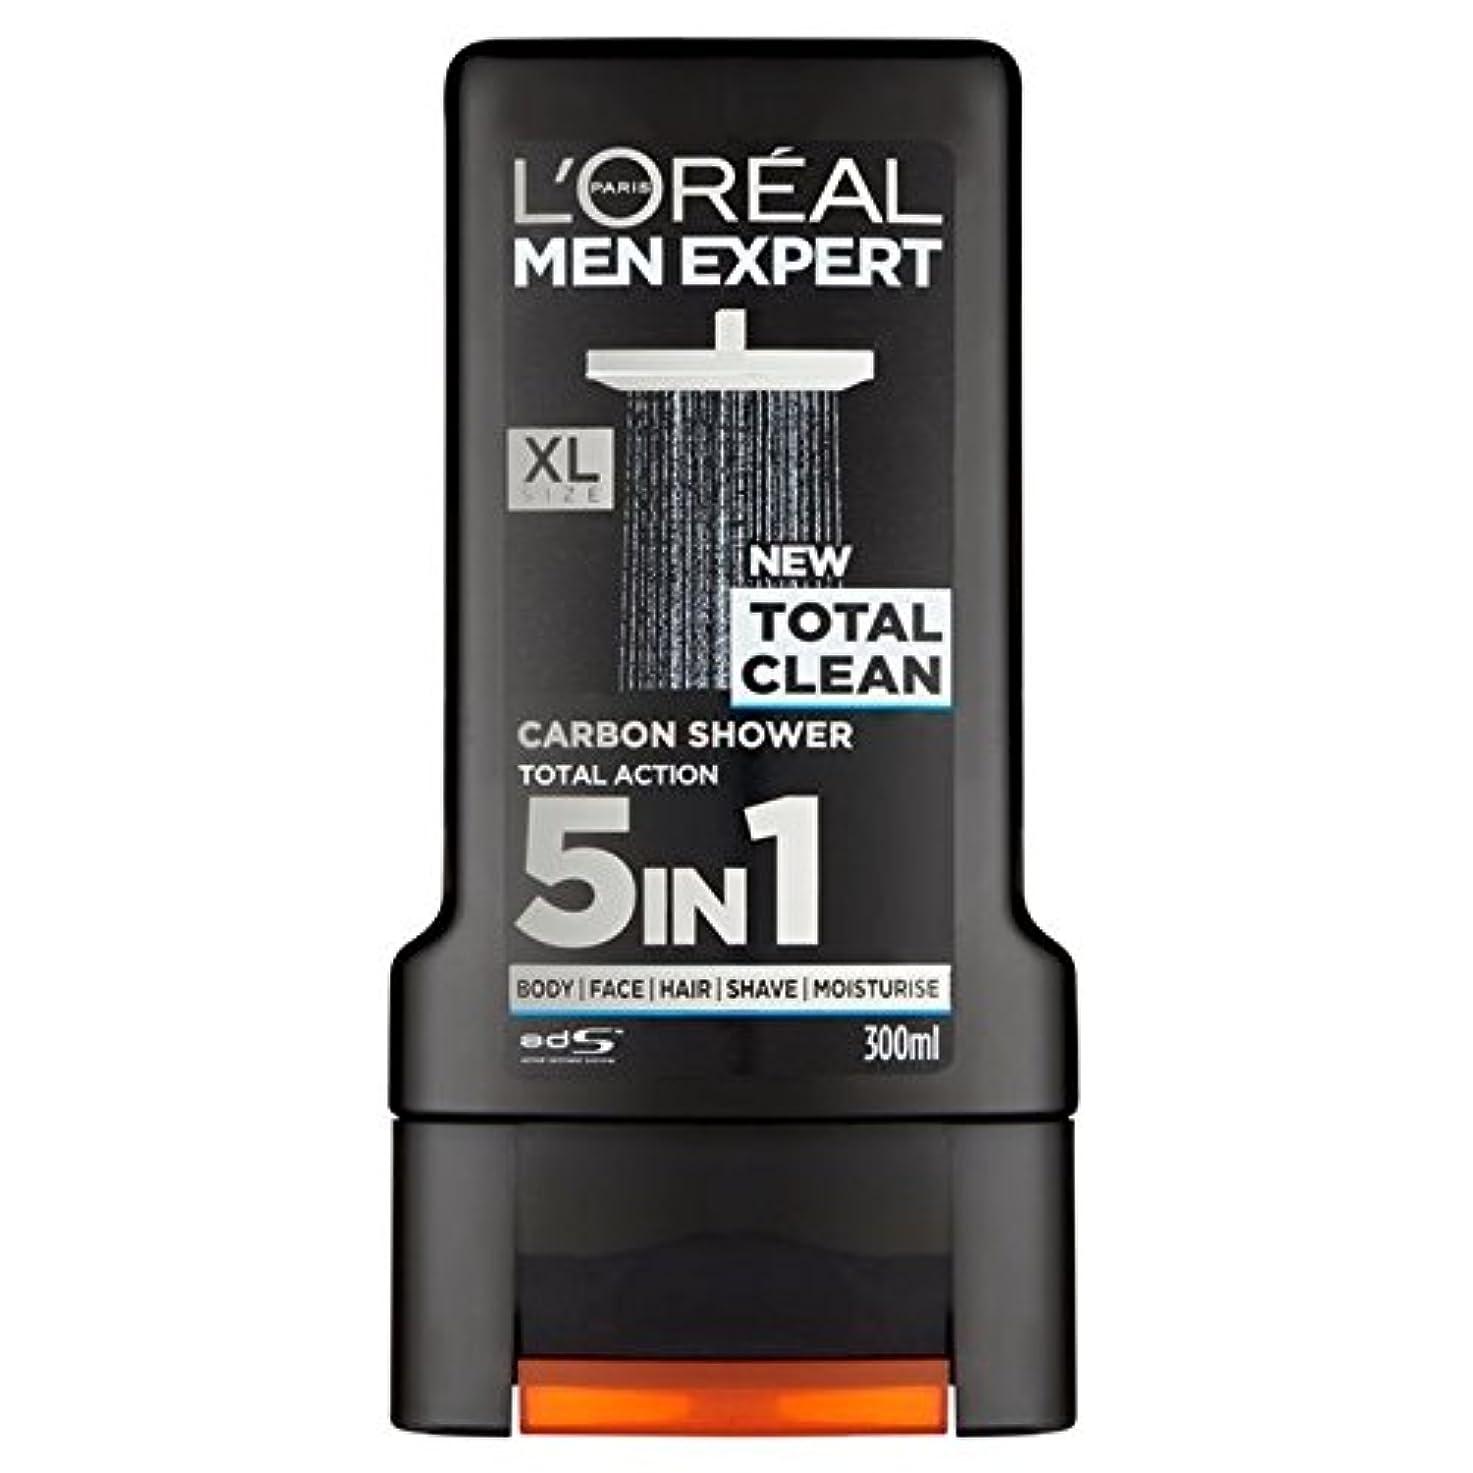 教会危険を冒しますバーターL'Oreal Paris Men Expert Total Clean Shower Gel 300ml (Pack of 6) - ロレアルパリのメンズ専門トータルクリーンシャワージェル300ミリリットル x6 [並行輸入品]